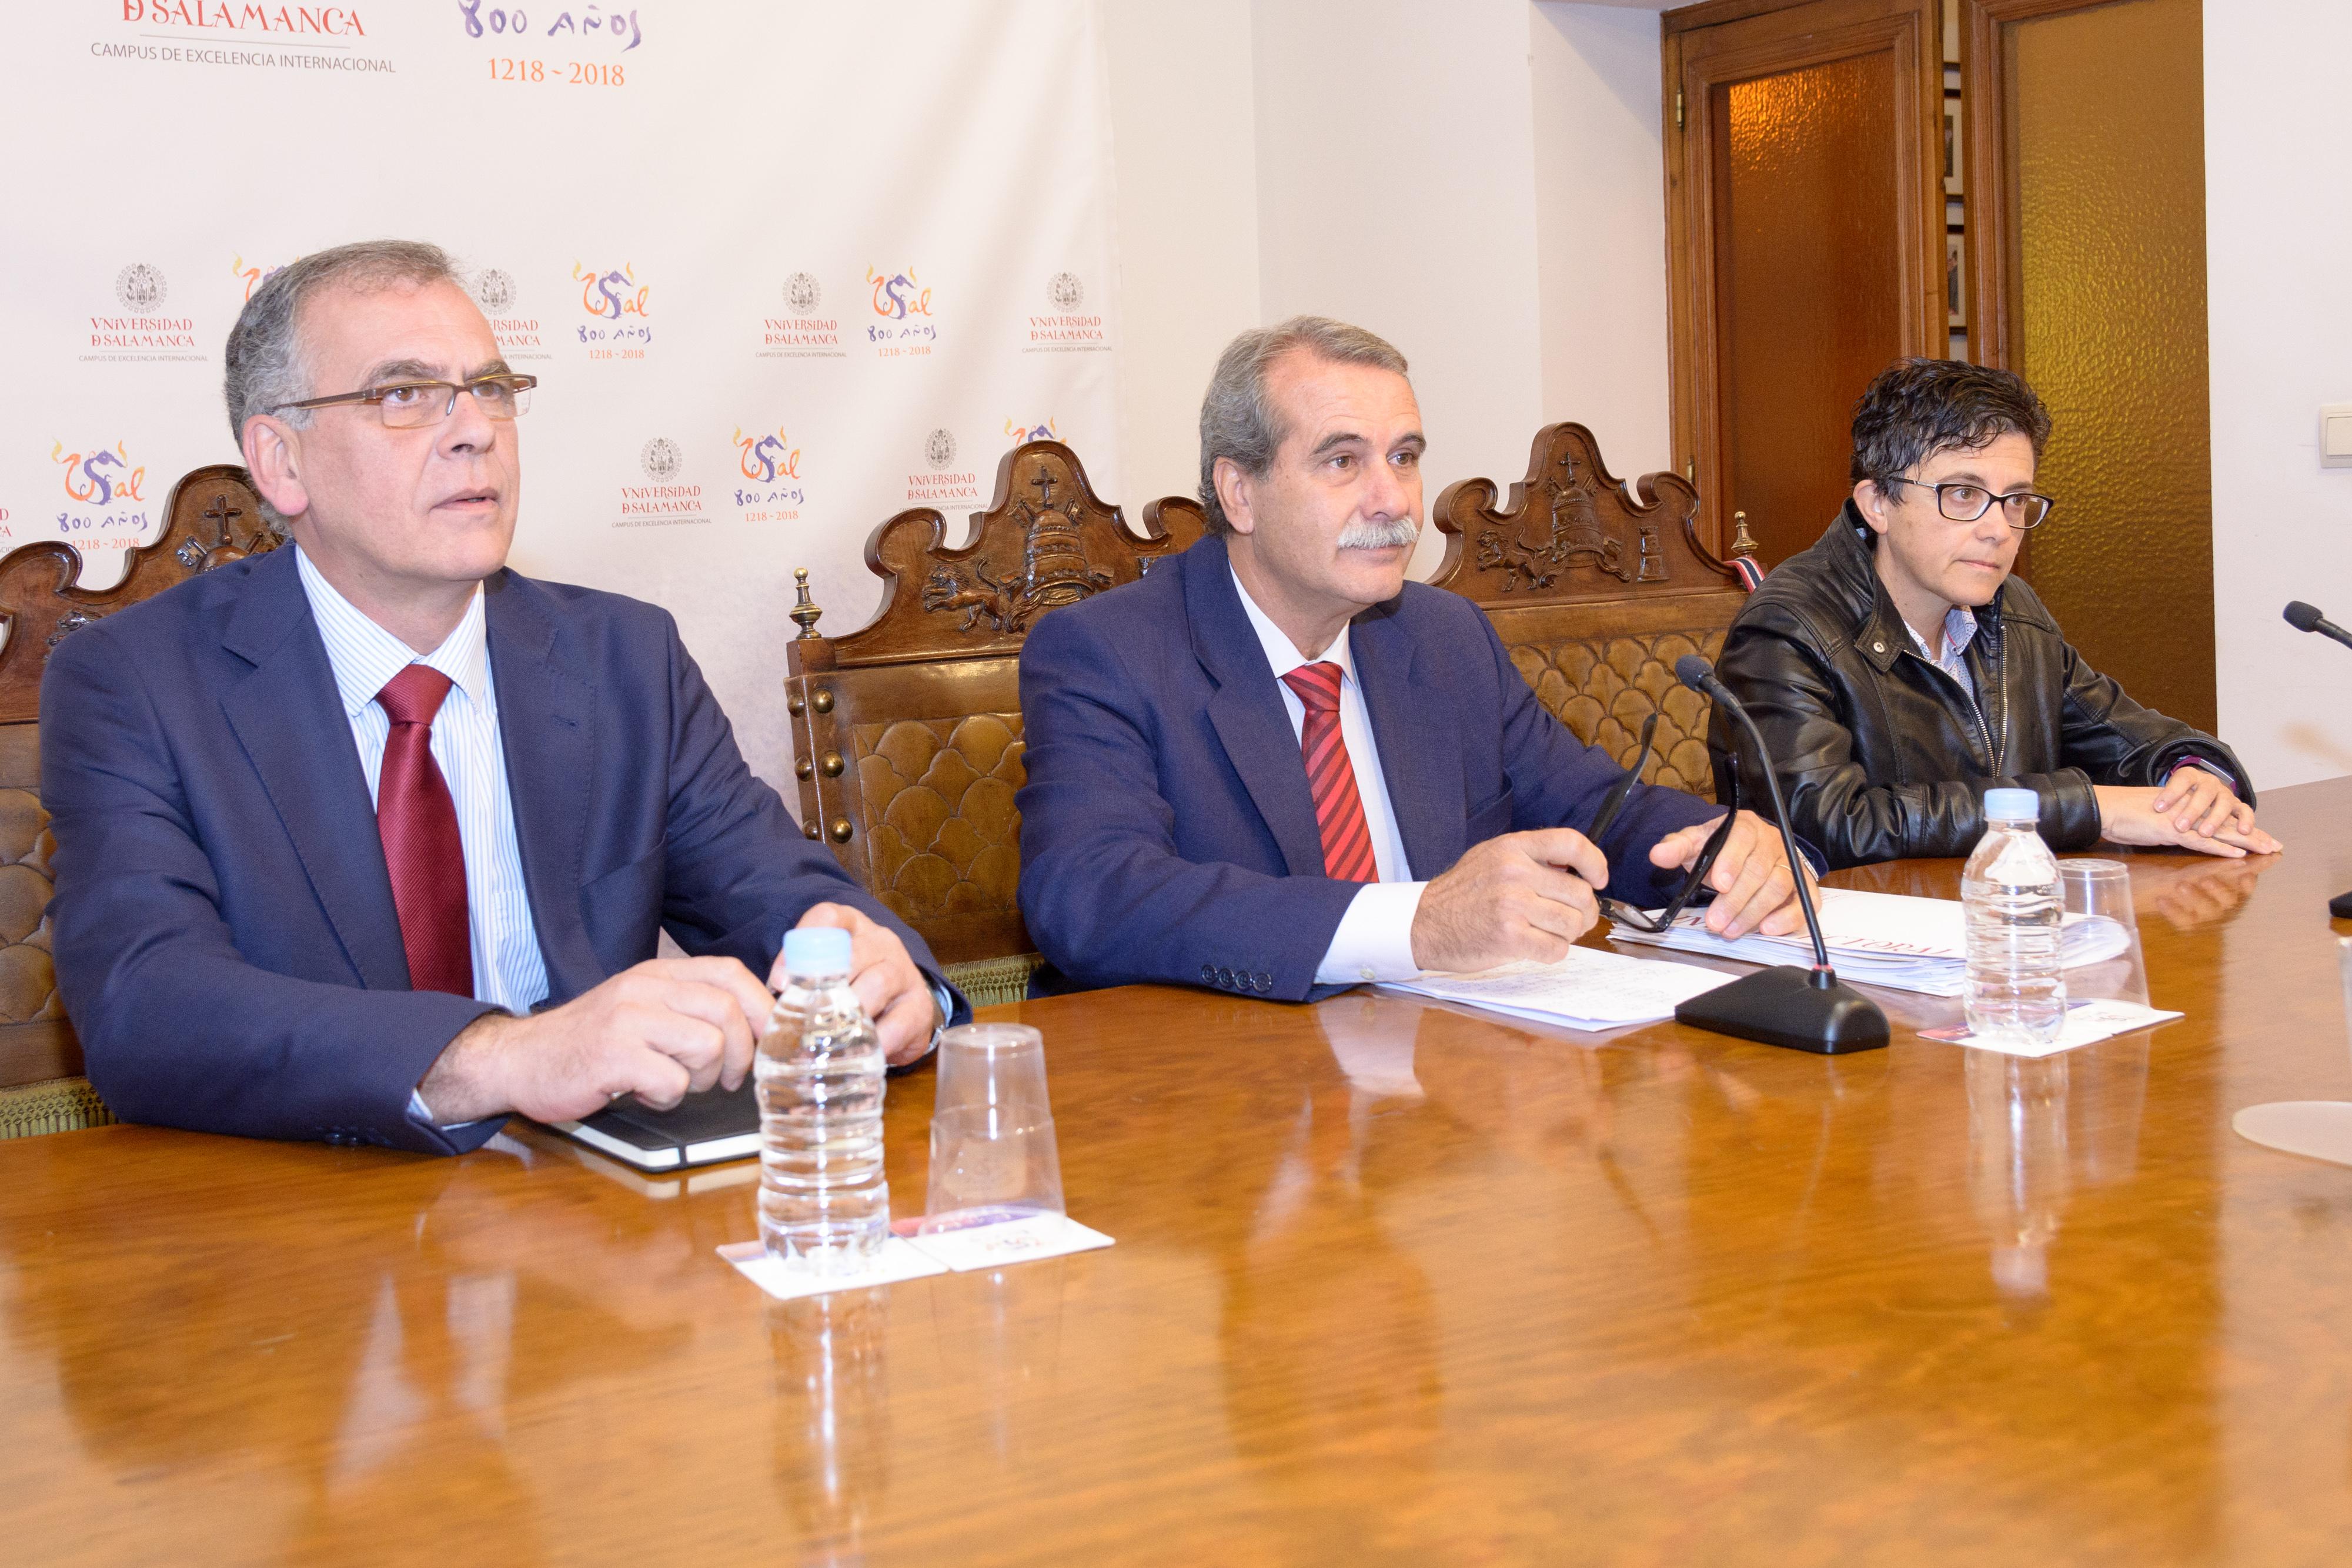 Las elecciones al Rectorado de la Universidad de Salamanca se celebrarán el 20 de noviembre en primera vuelta y el 30 en caso de segunda votación